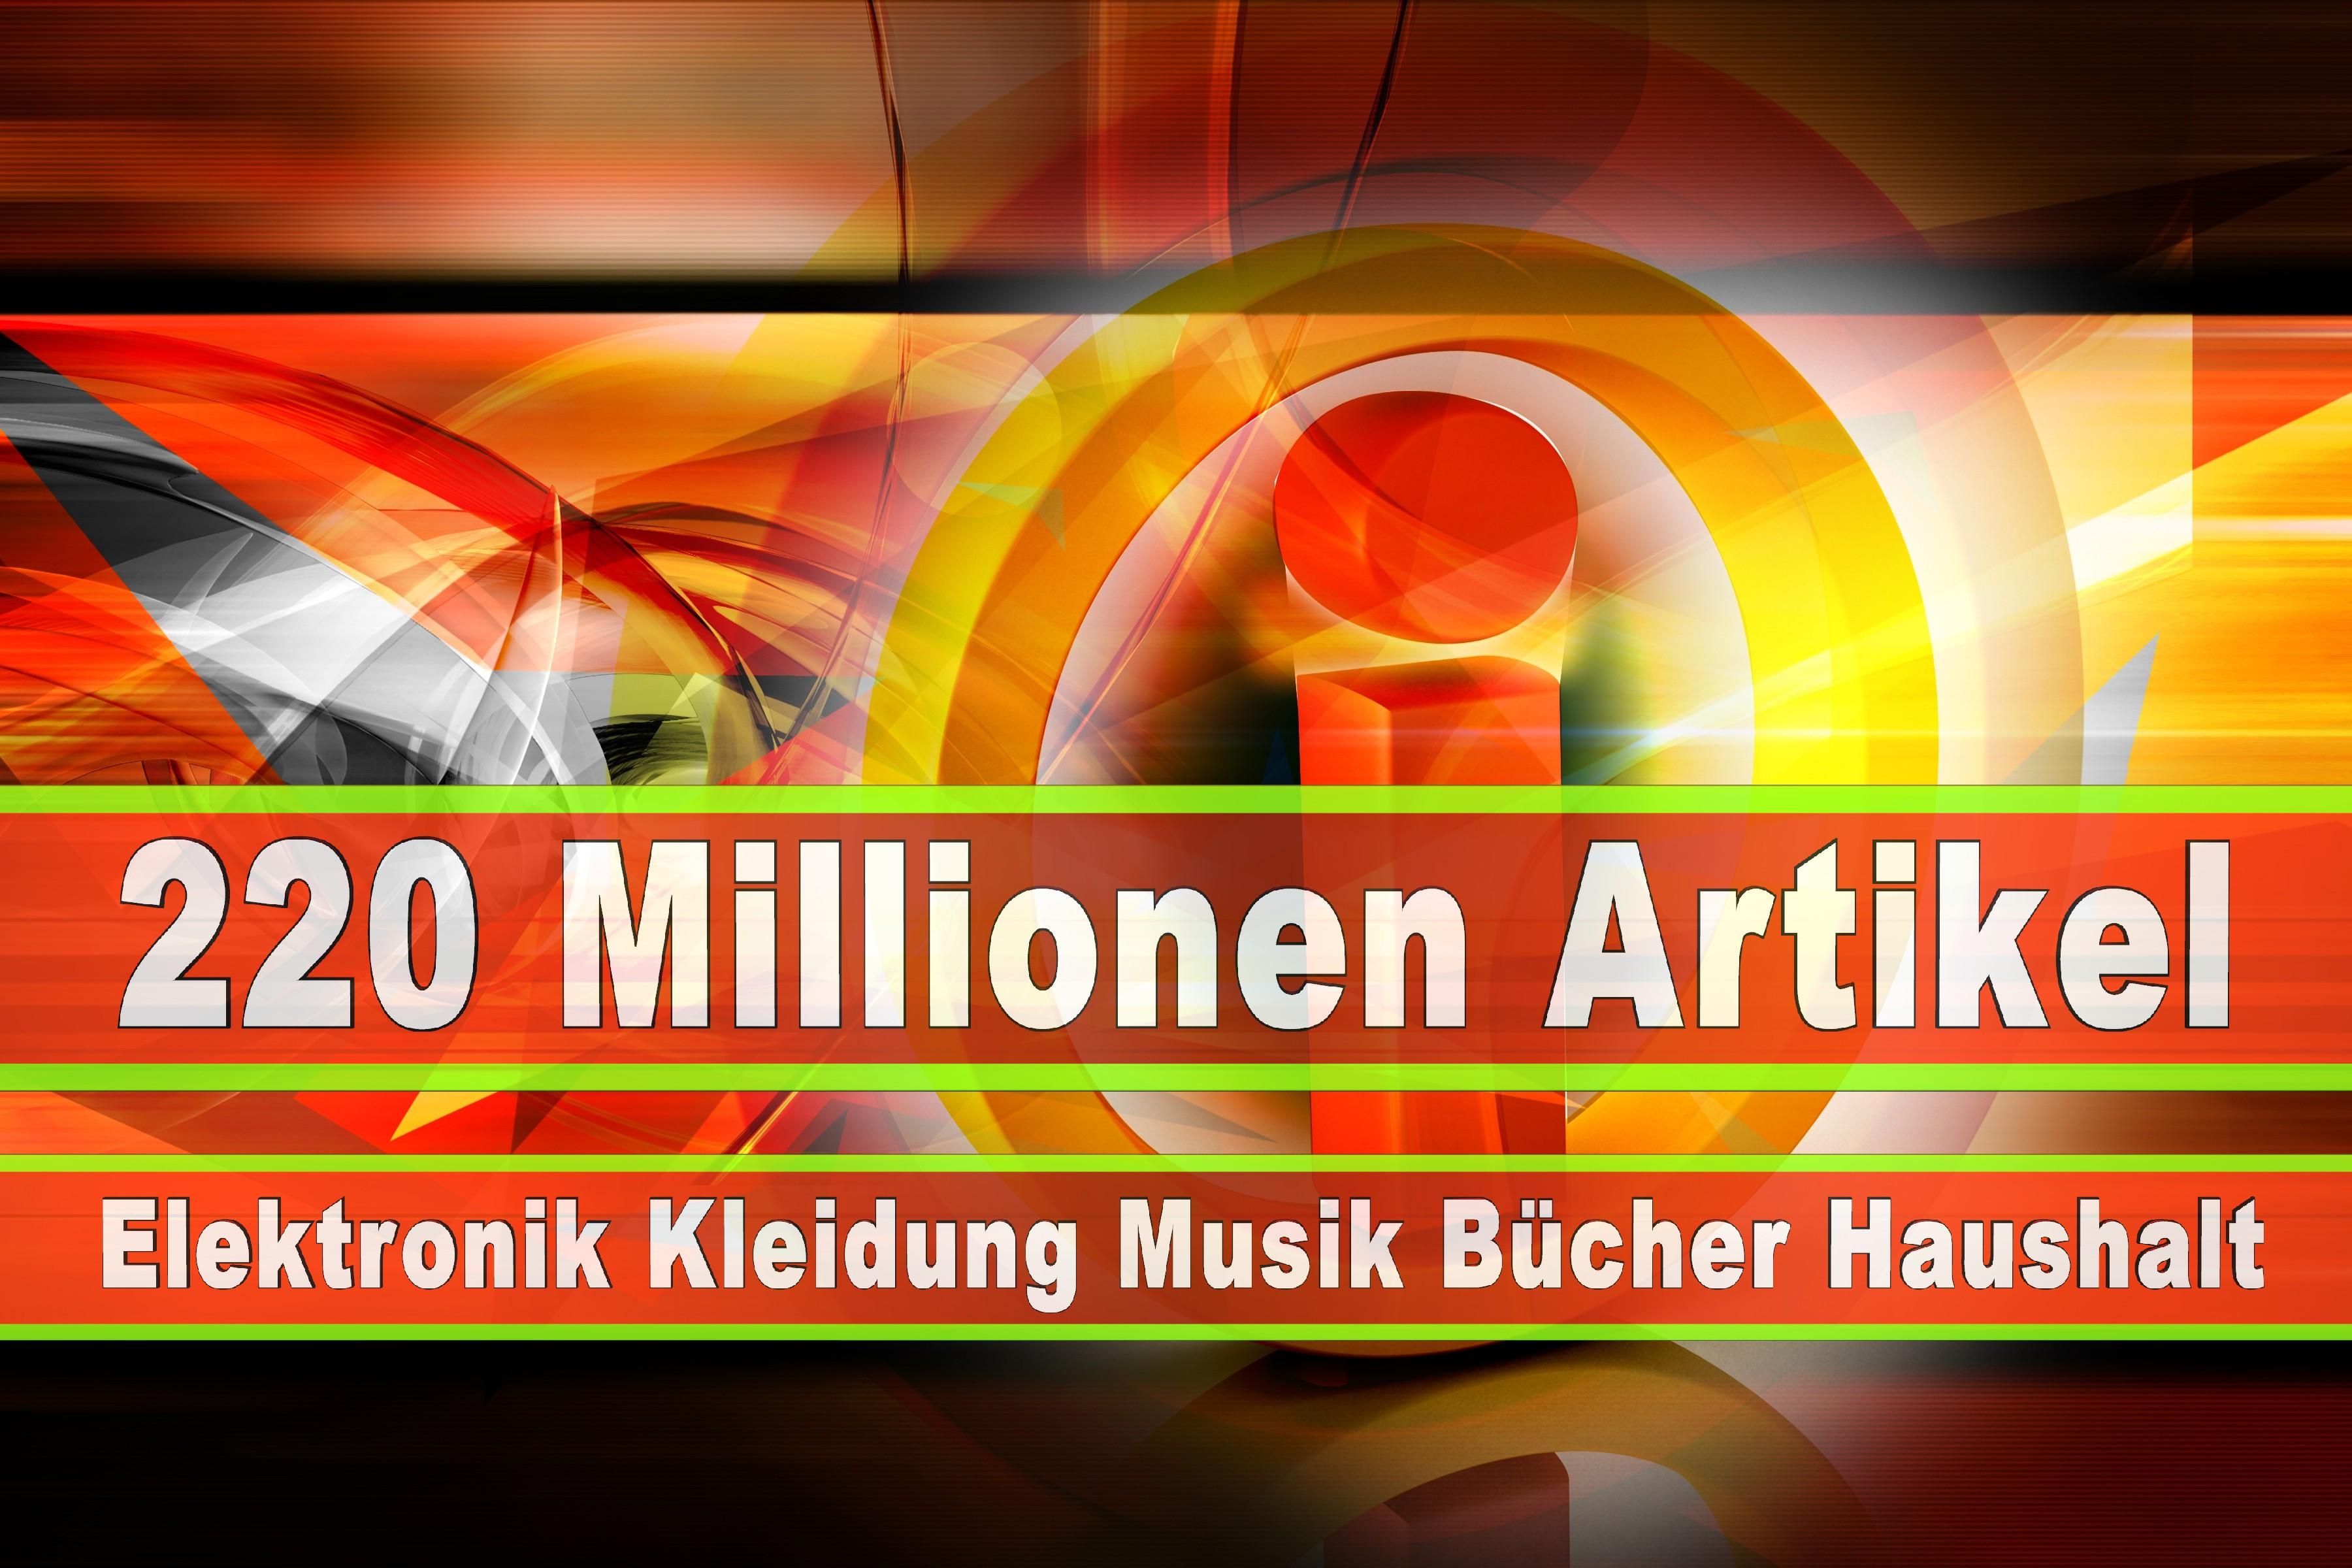 Amazon Elektronik Musik Haushalt Bücher CD DVD Handys Smartphones TV Television Fernseher Kleidung Mode Ebay Versandhaus (73)